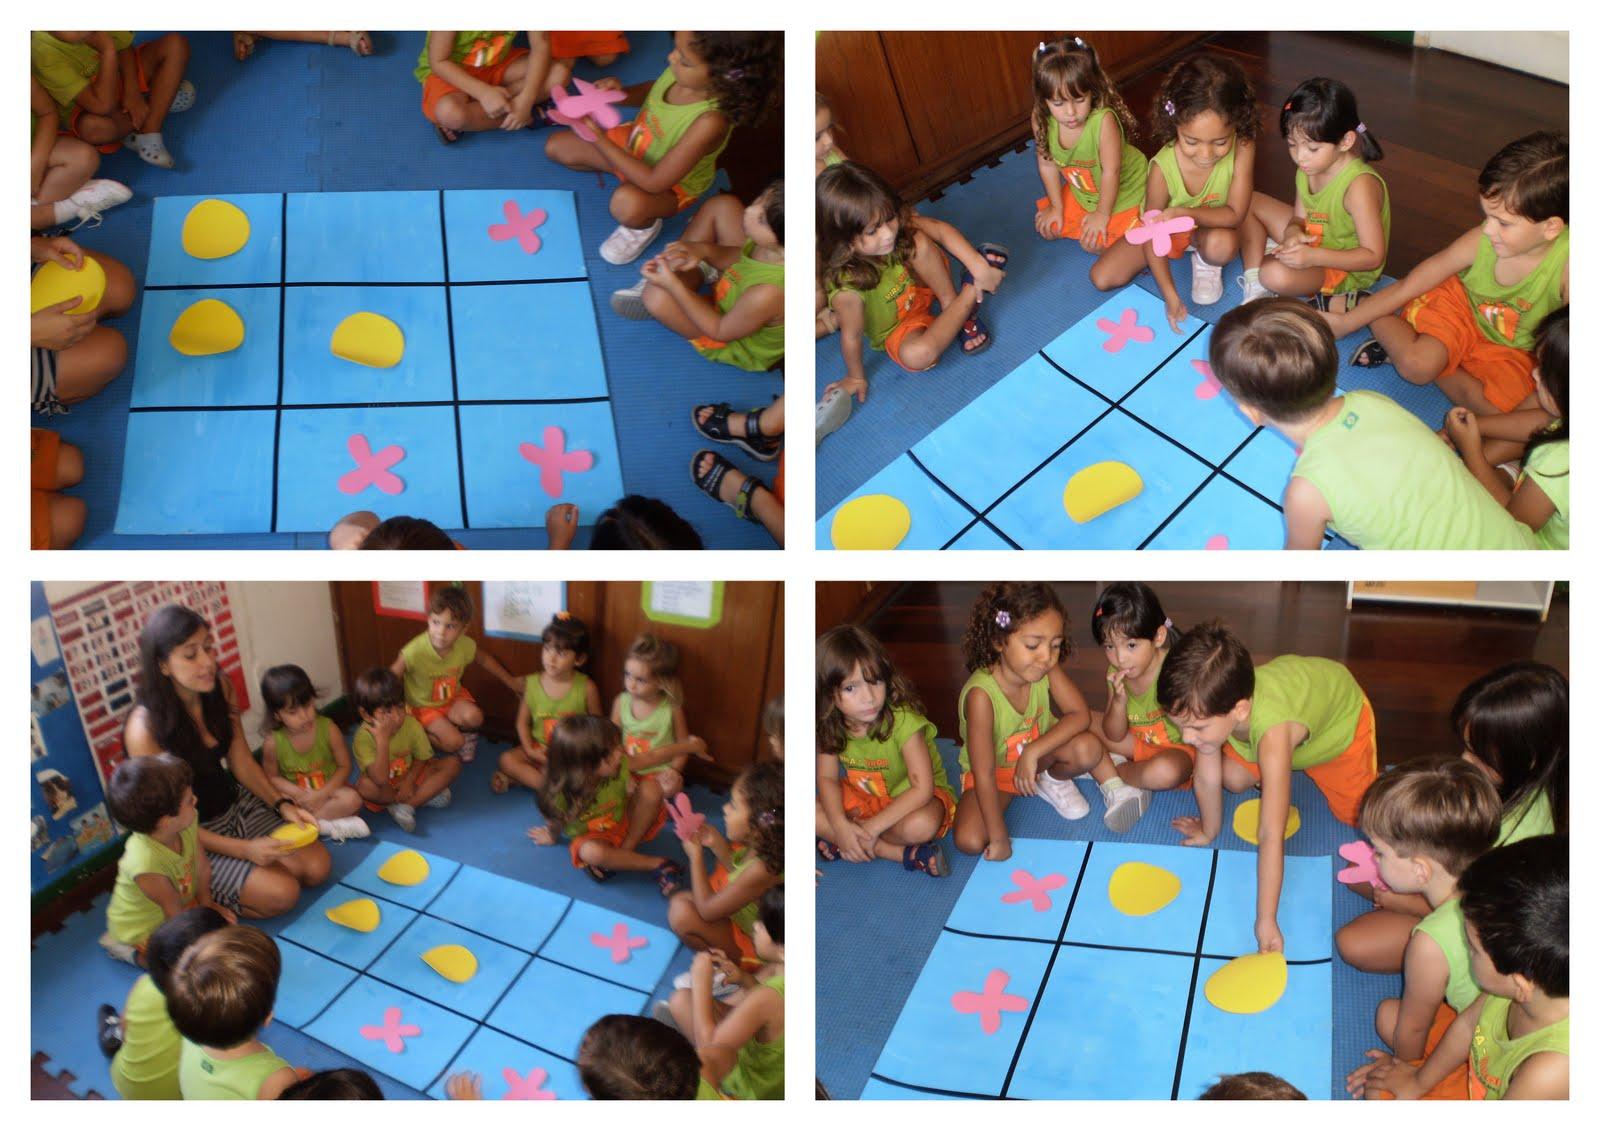 Populares Vira-Virou Escola Brasileira da Infância: Matemática com Jogo da Velha PP51